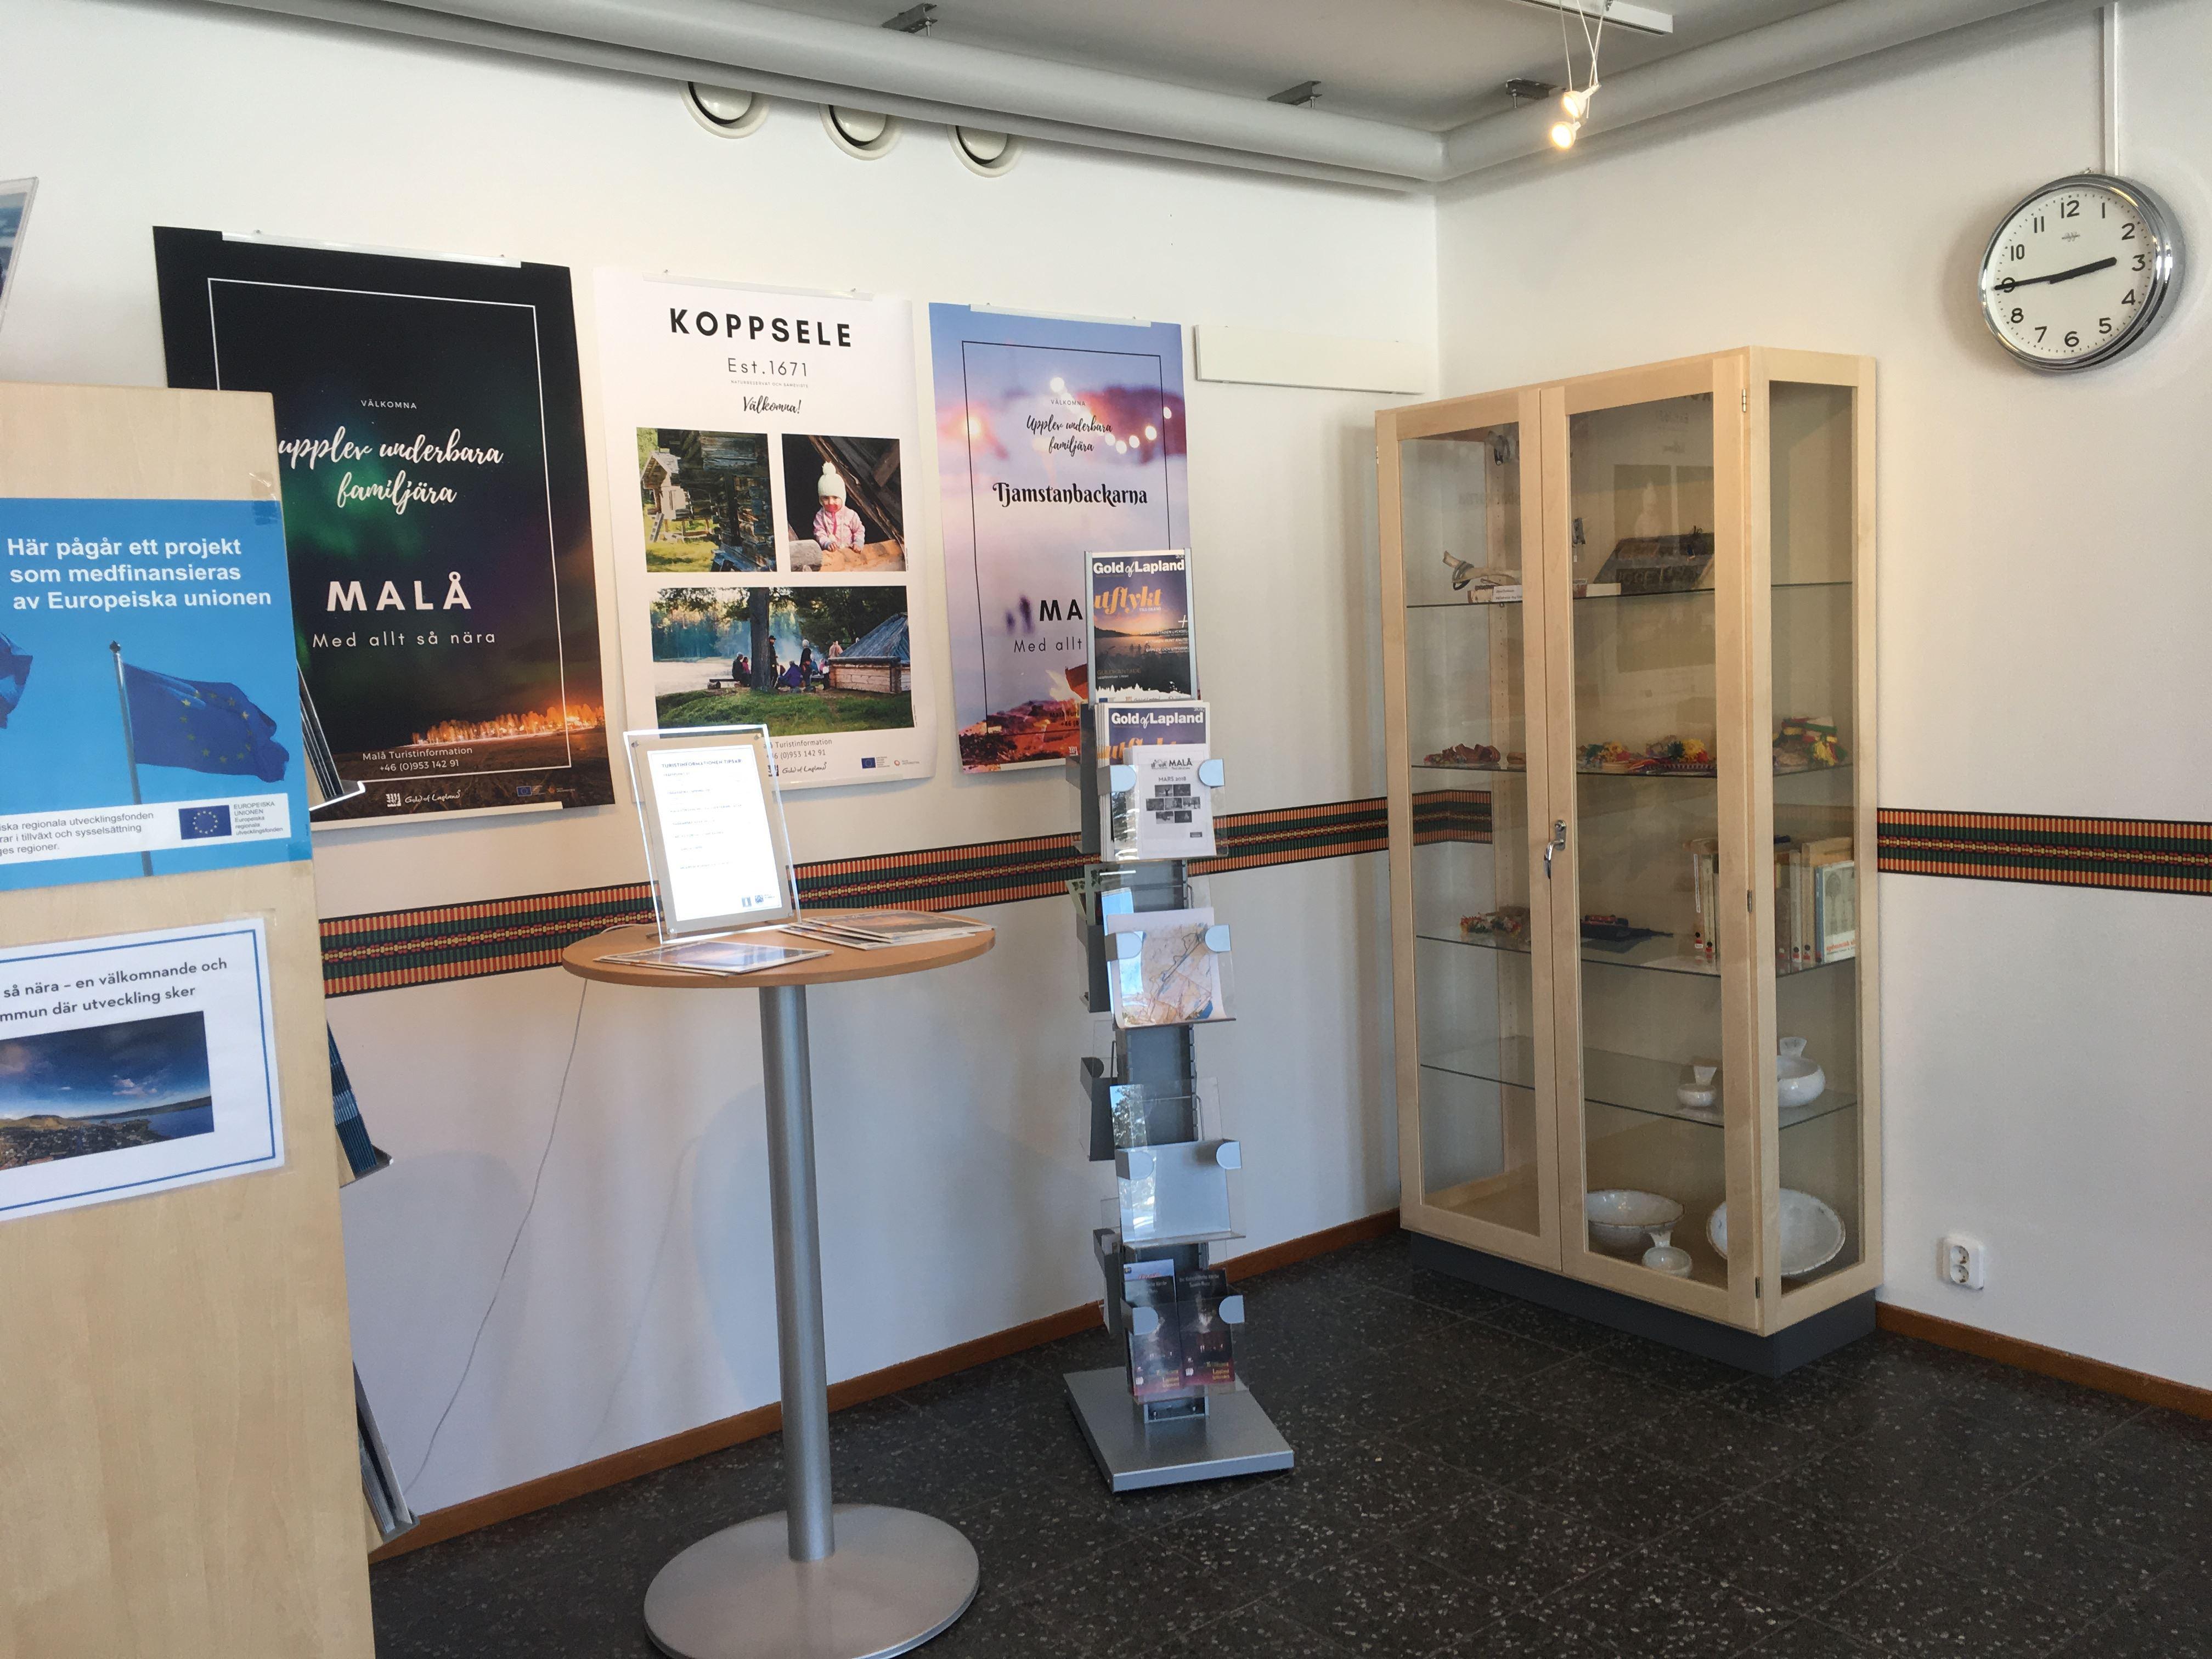 Invigning foajé Malå bibliotek